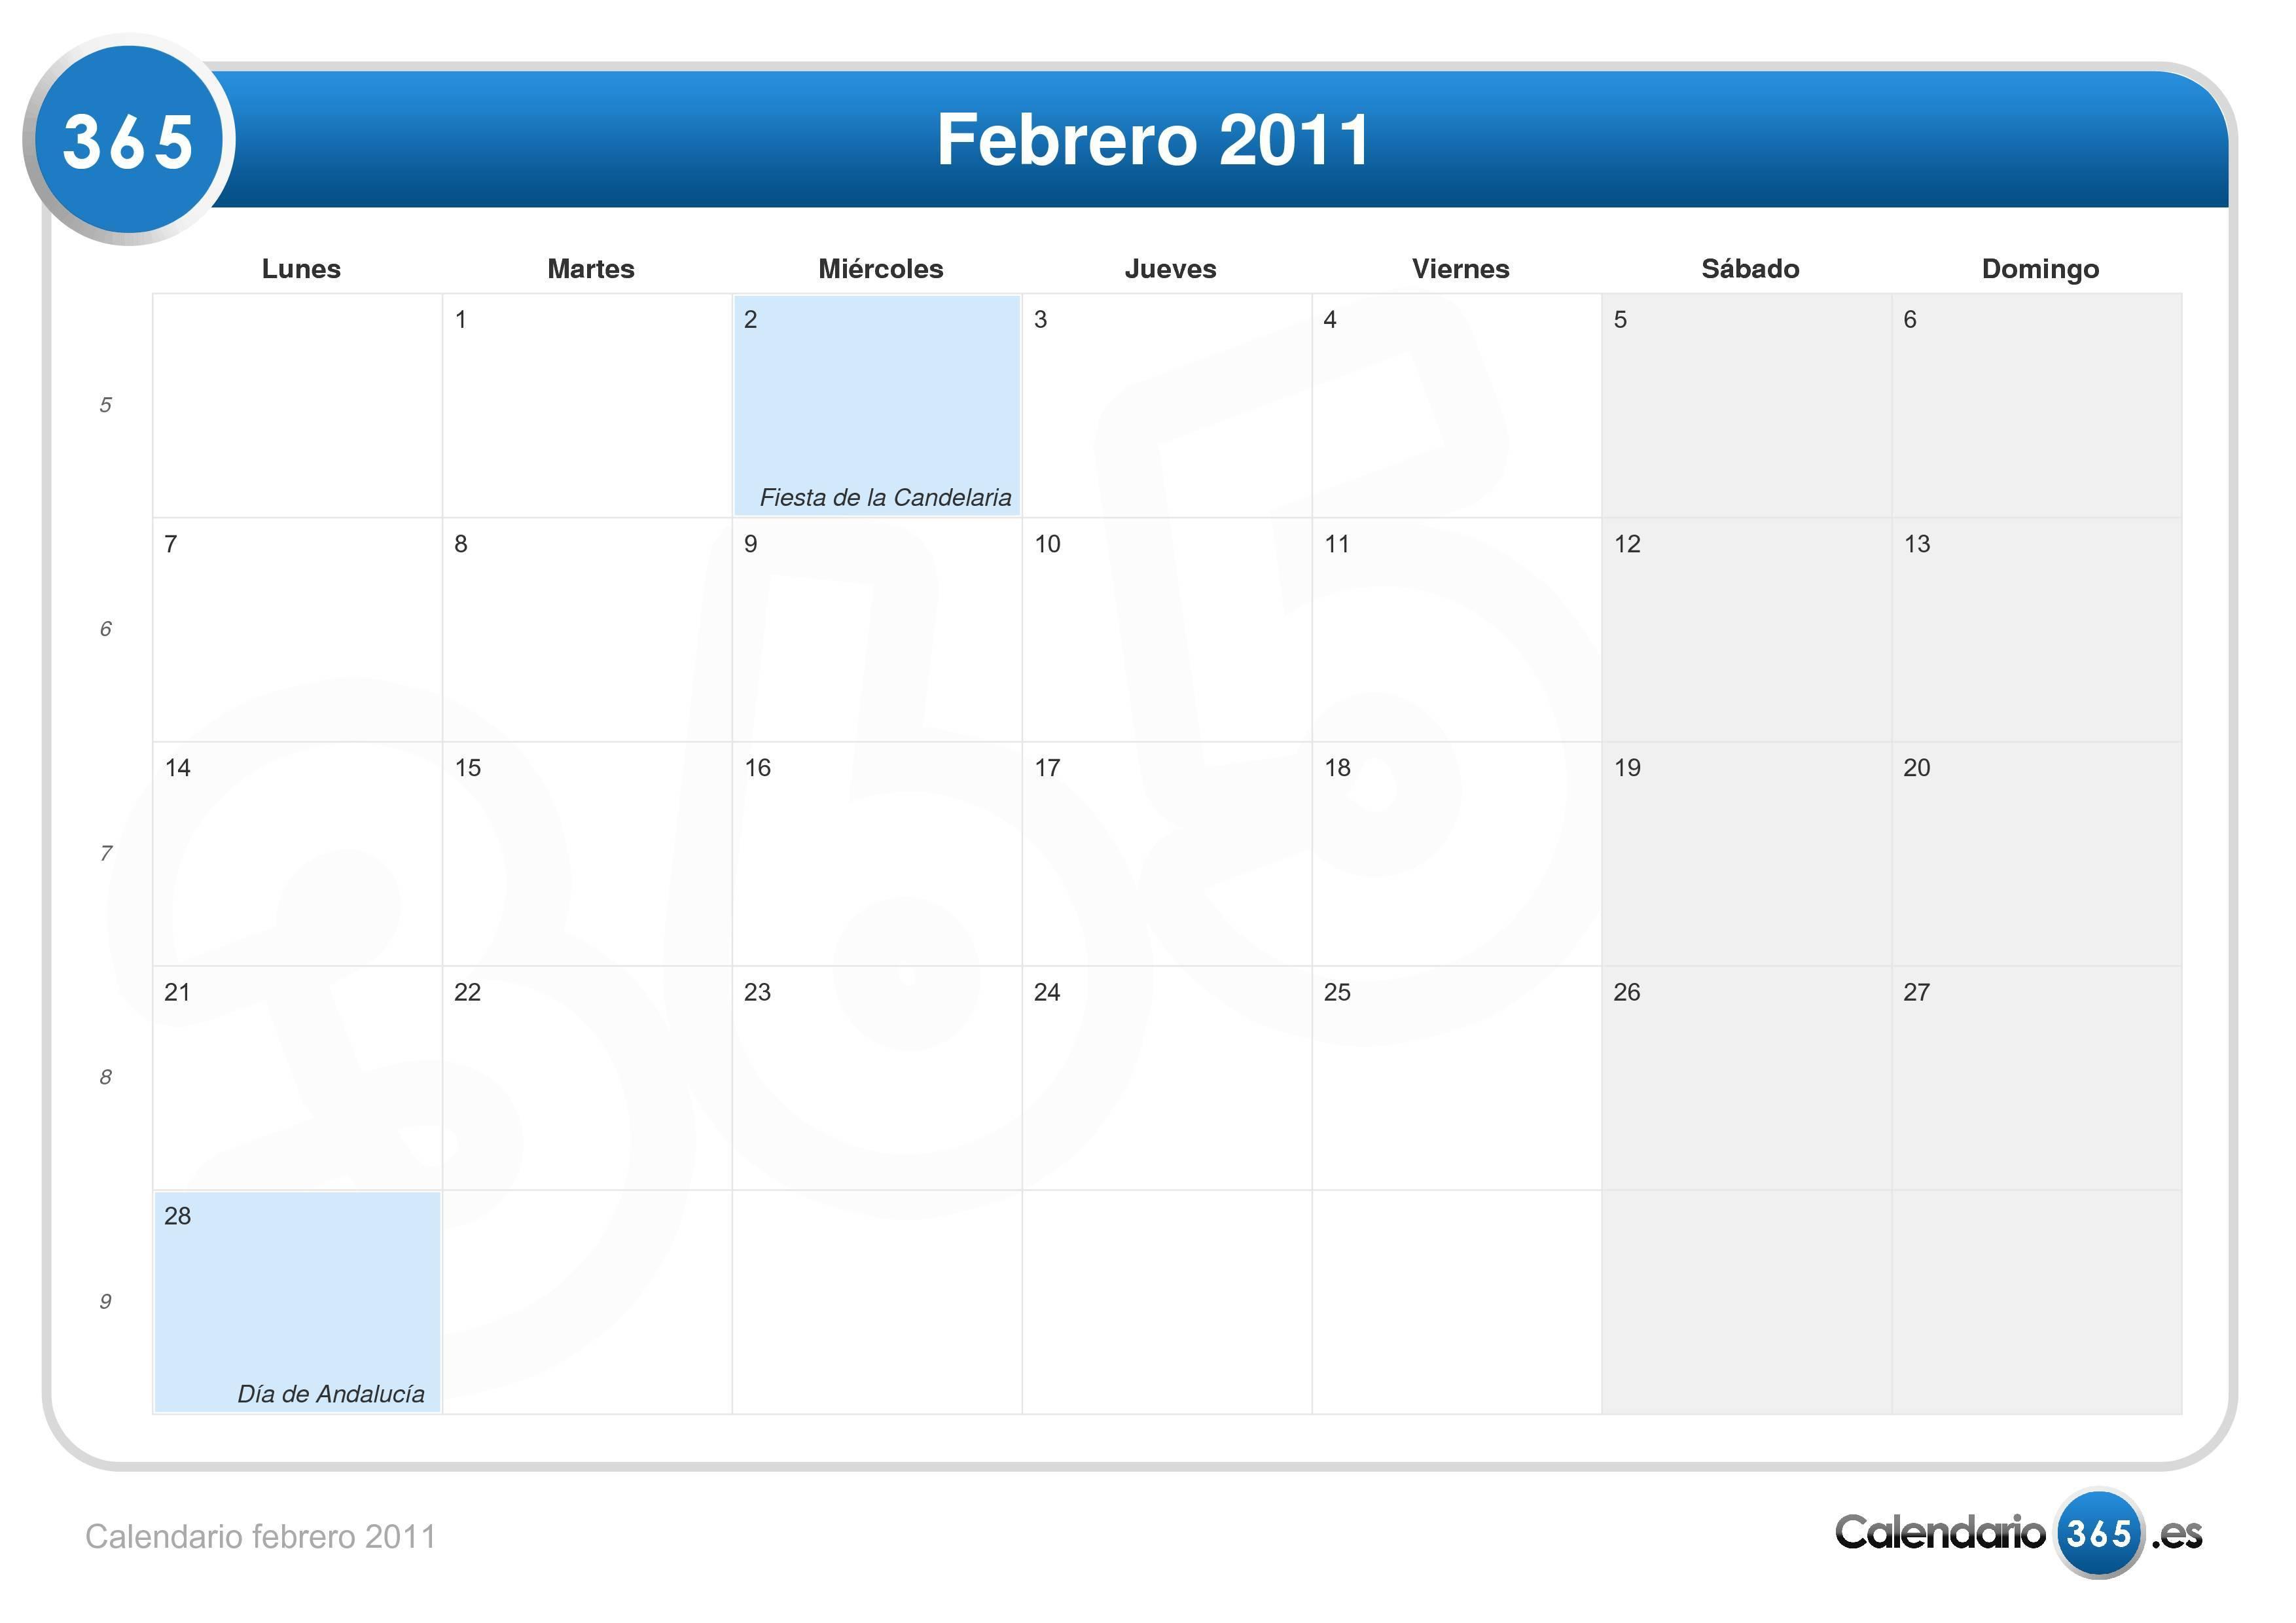 Calendario 2011 Espana.Calendario Febrero 2011